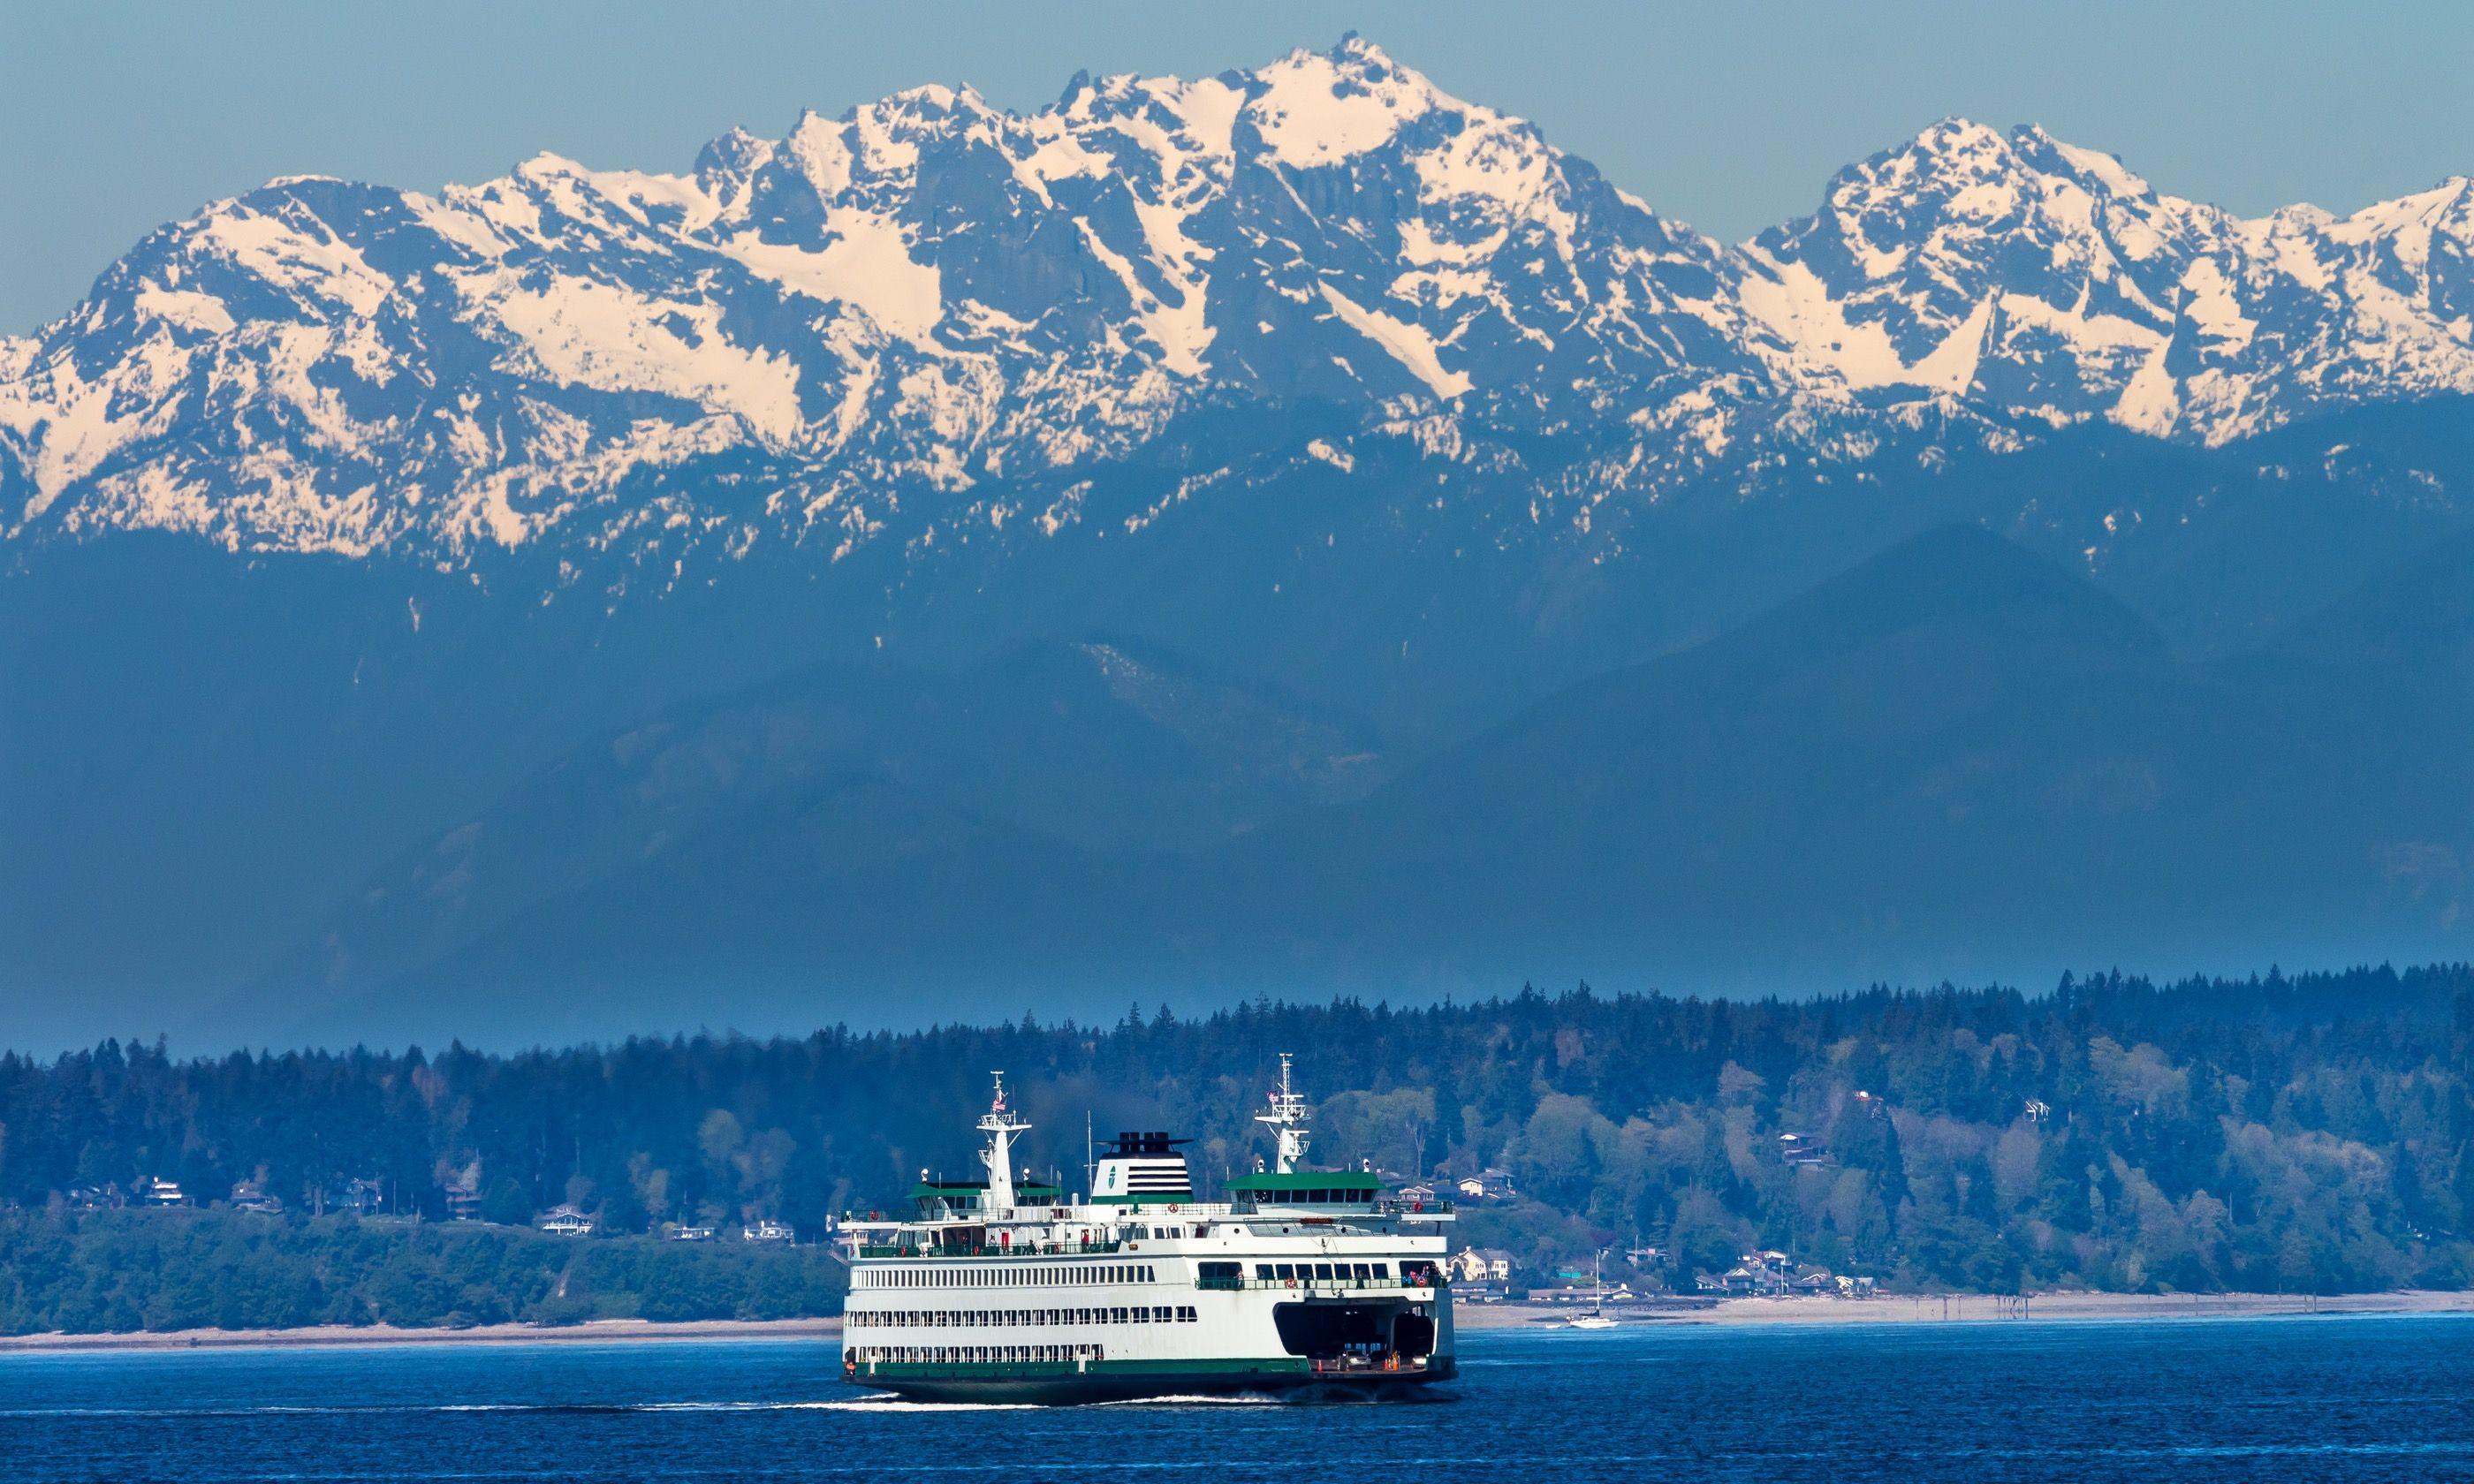 Seattle Bainbridge Island Ferry (Dreamstime)